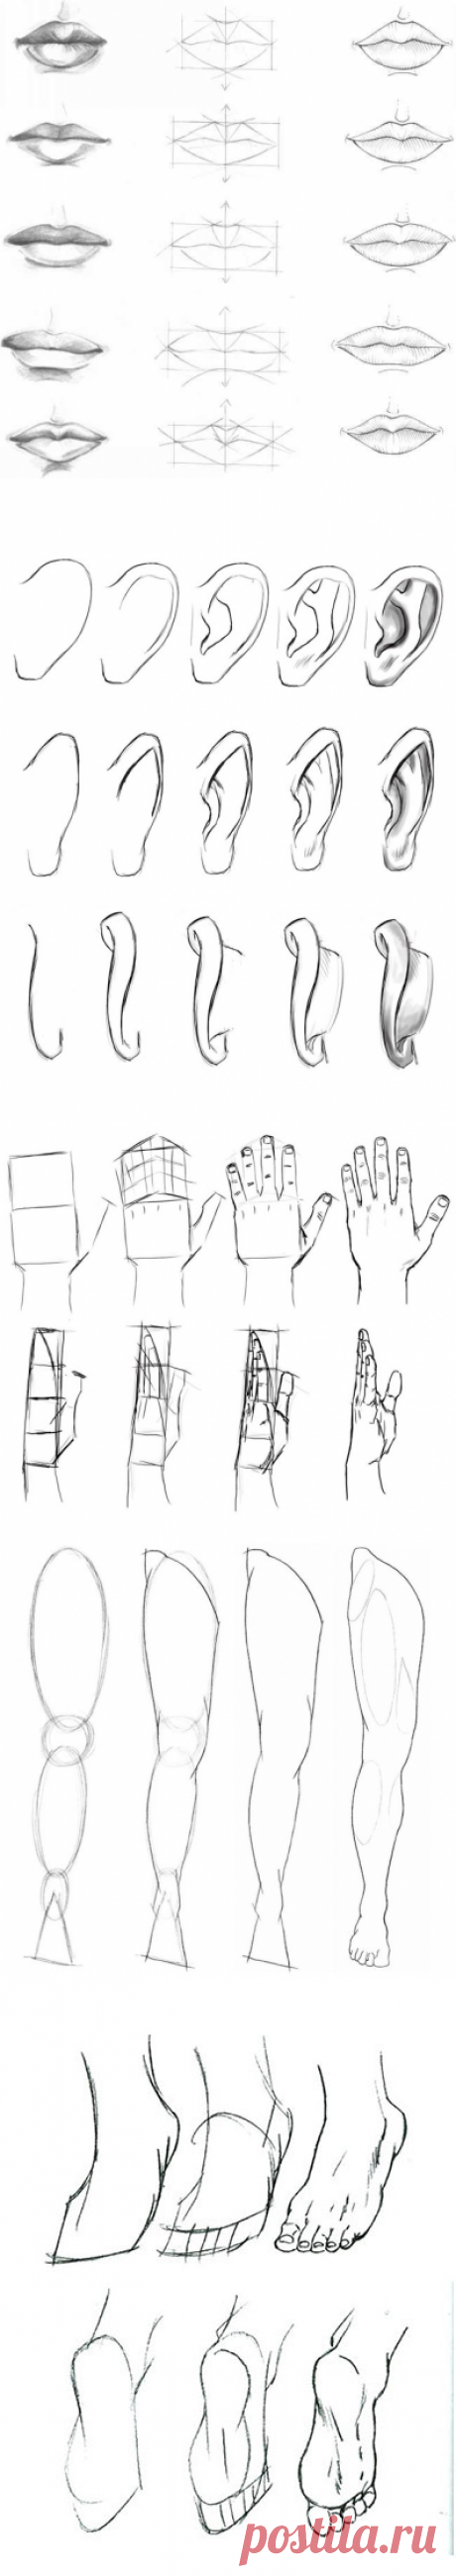 Уроки рисования: анатомия человека — Сделай сам, идеи для творчества - DIY Ideas